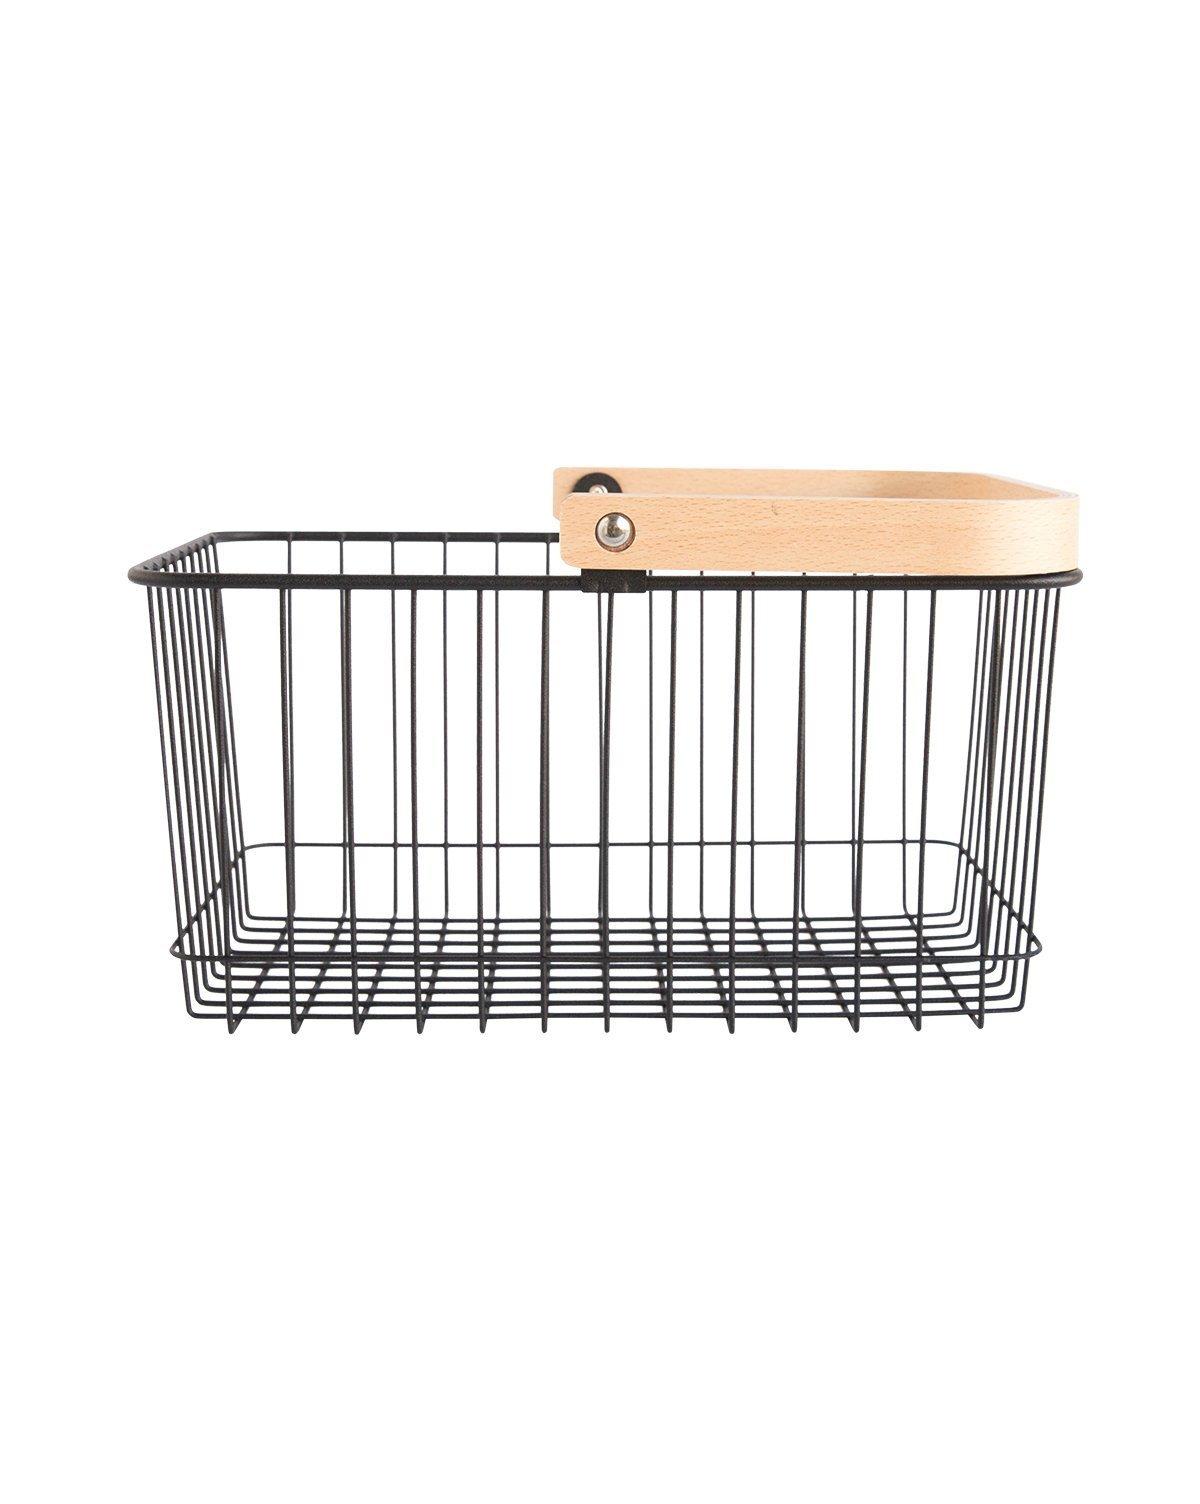 Wood_Handled_Storage_Basket_11_f4b1f65f-3a40-478b-ae62-49b8b1ca0913.jpg